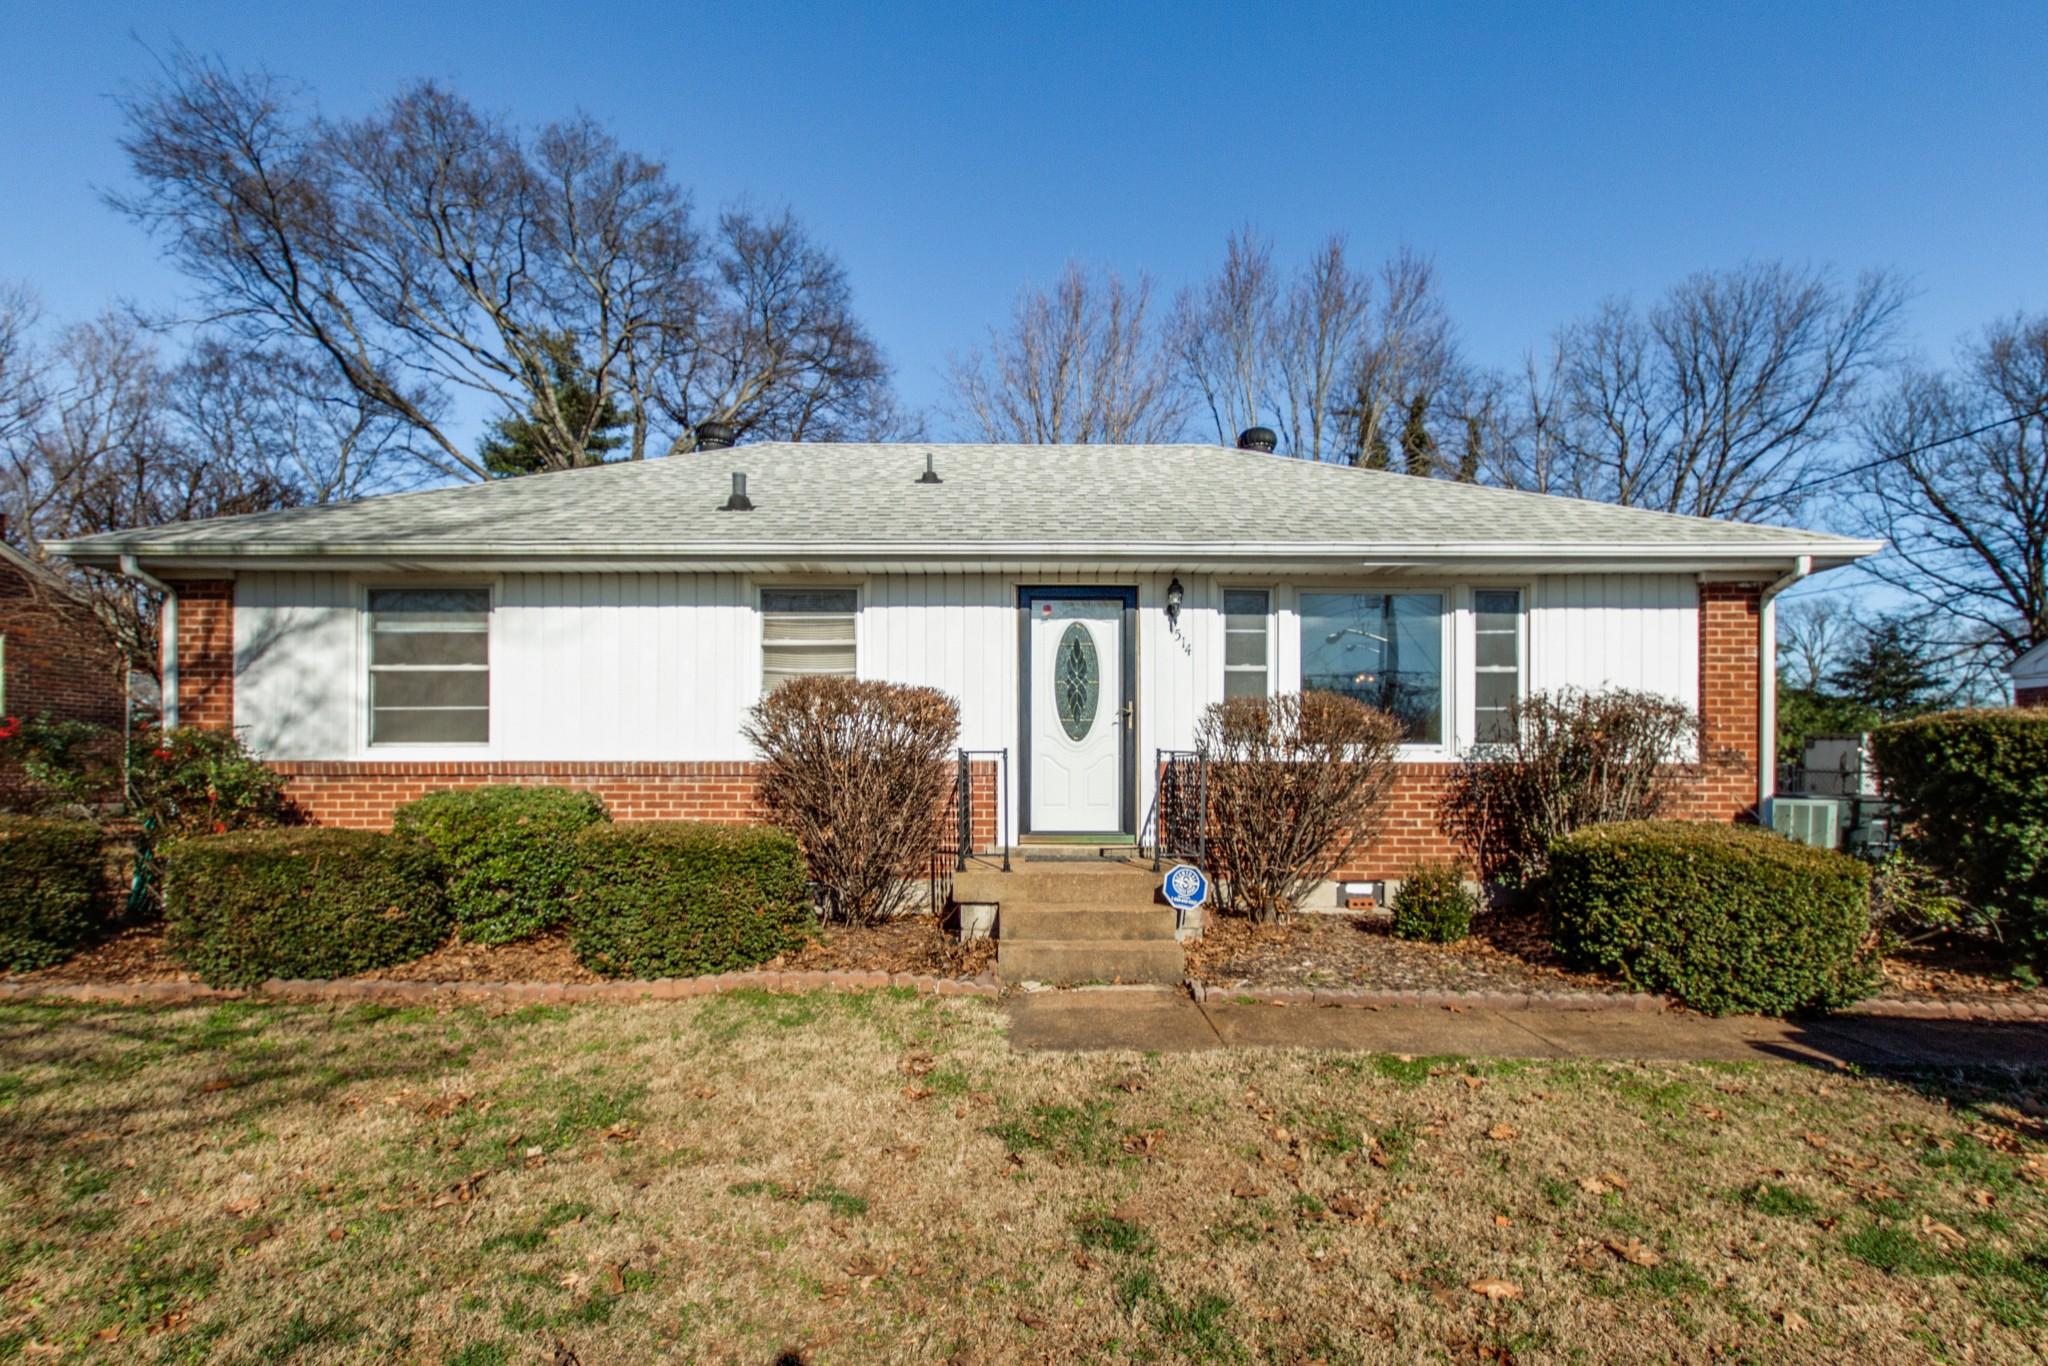 514 Inwood Dr, Nashville, TN 37211 - Nashville, TN real estate listing